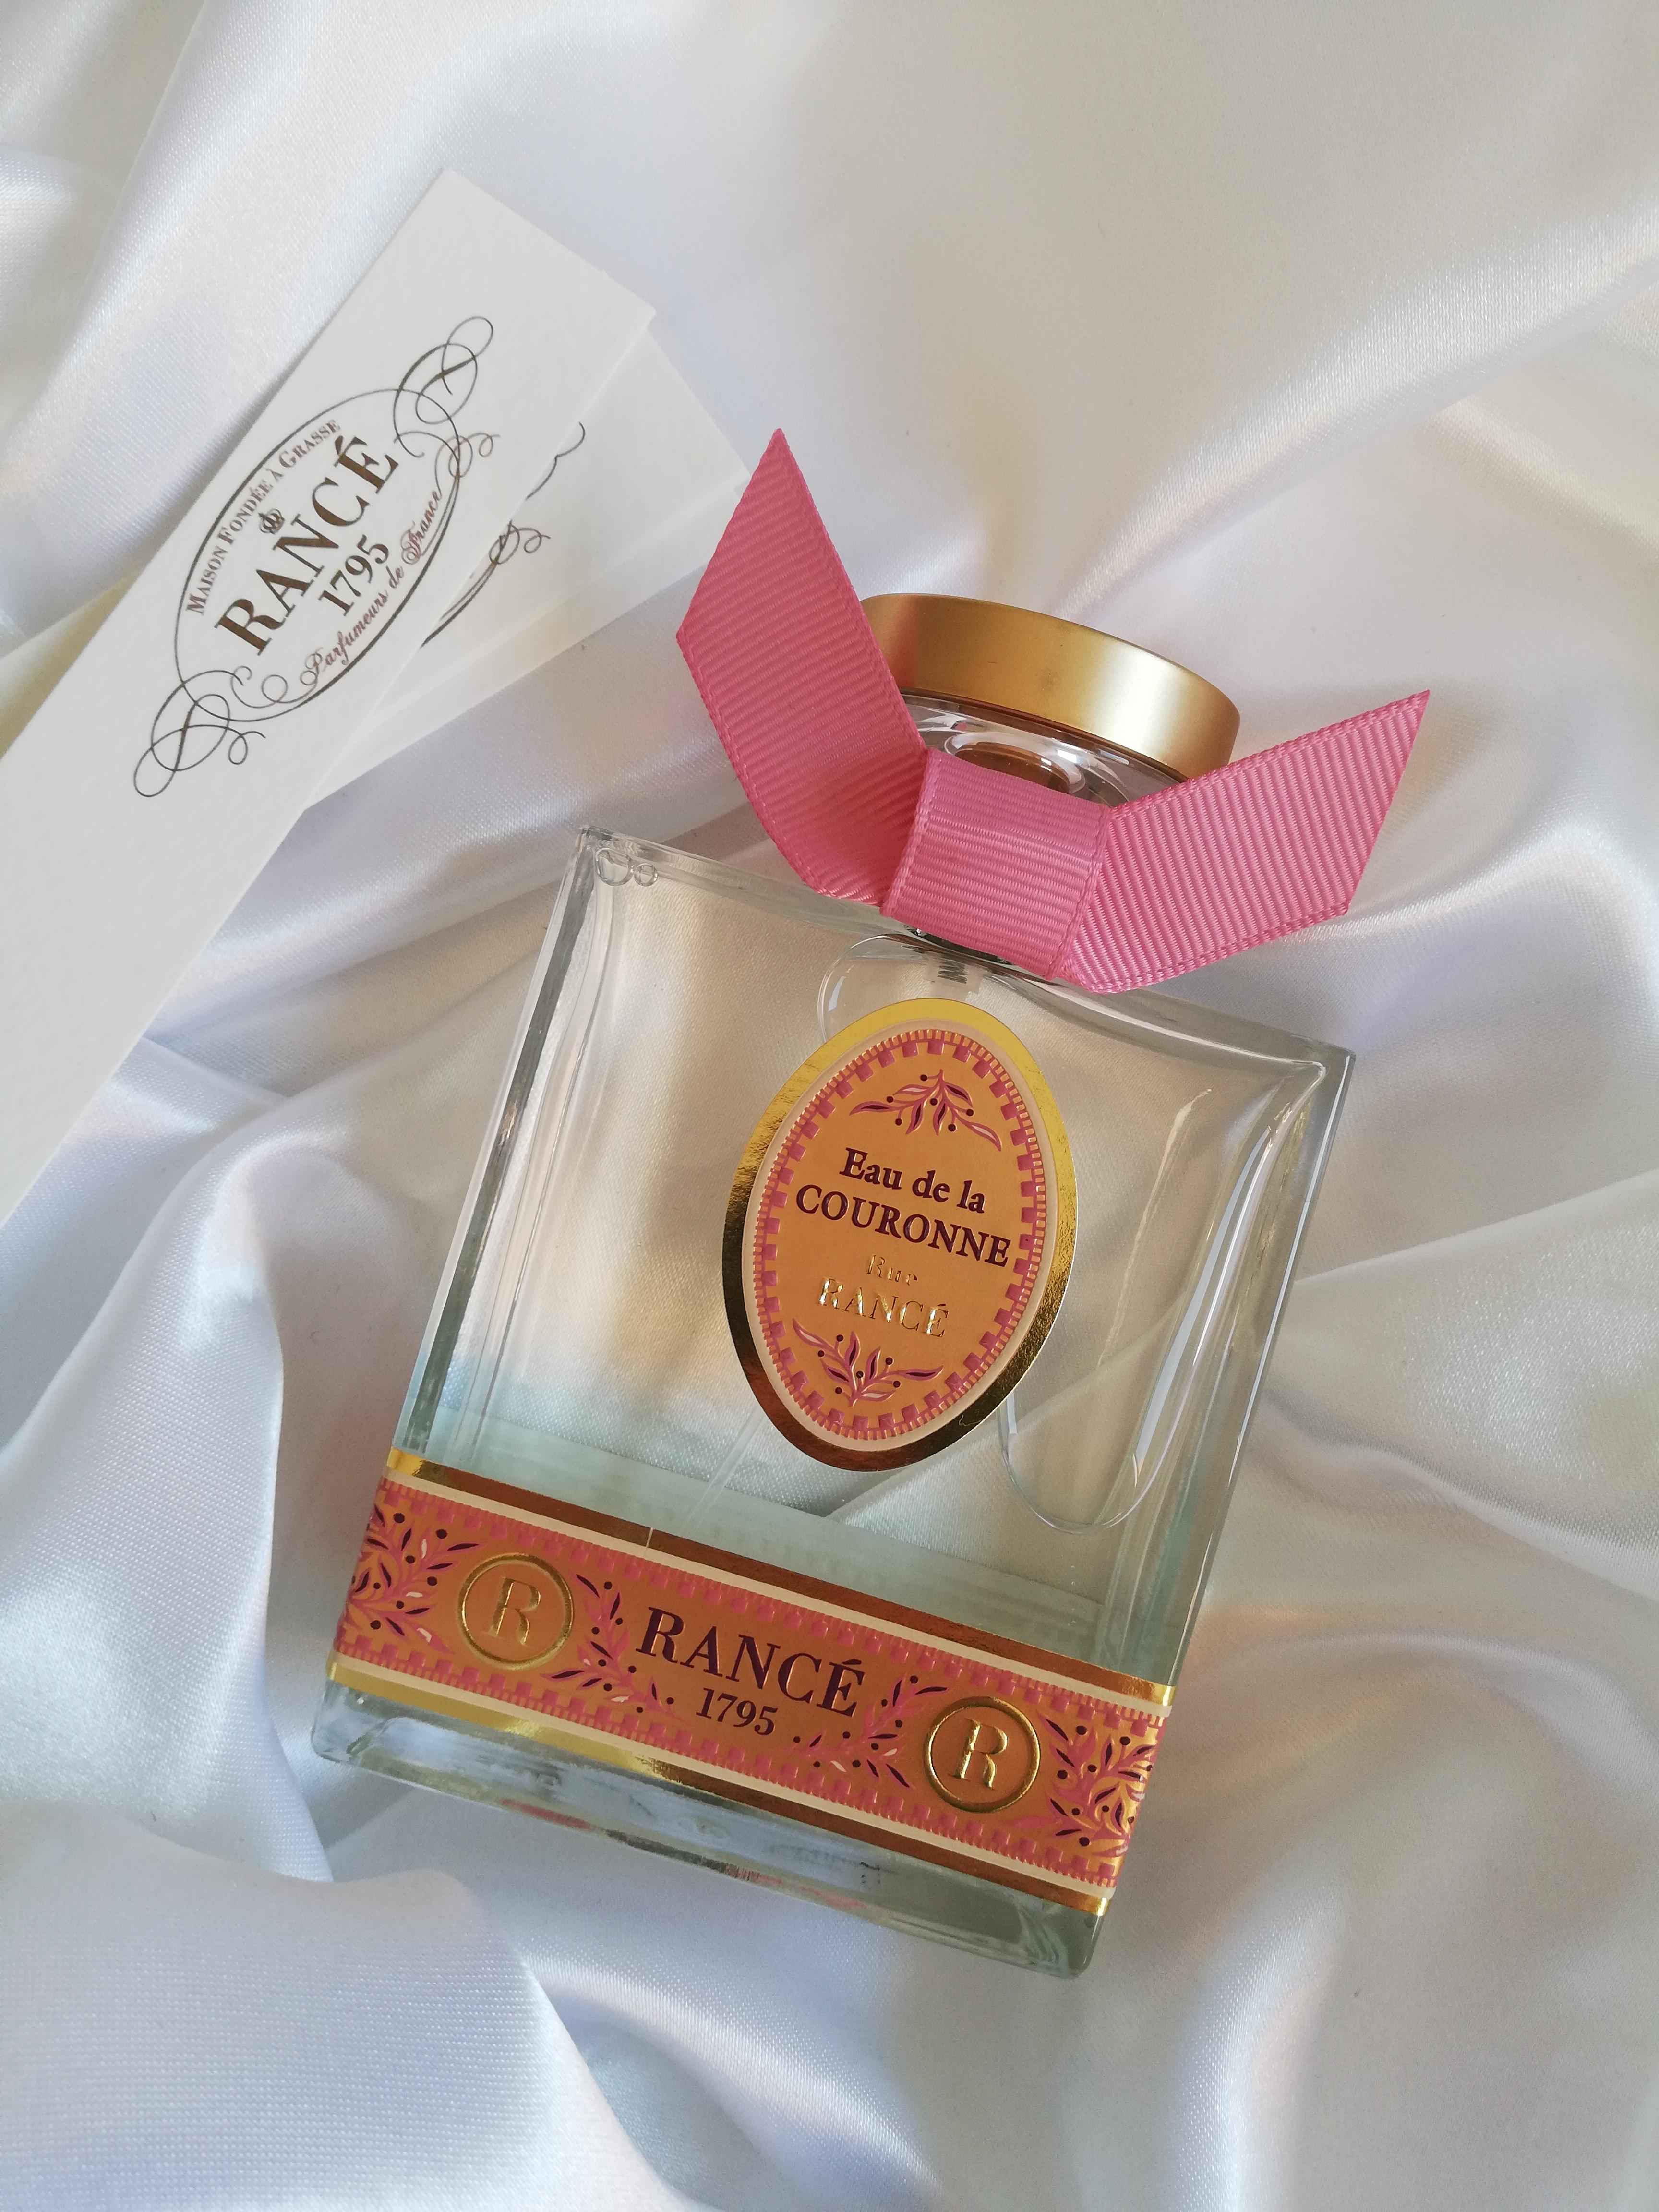 La nuova fragranza Rancé Eau de la Couronne